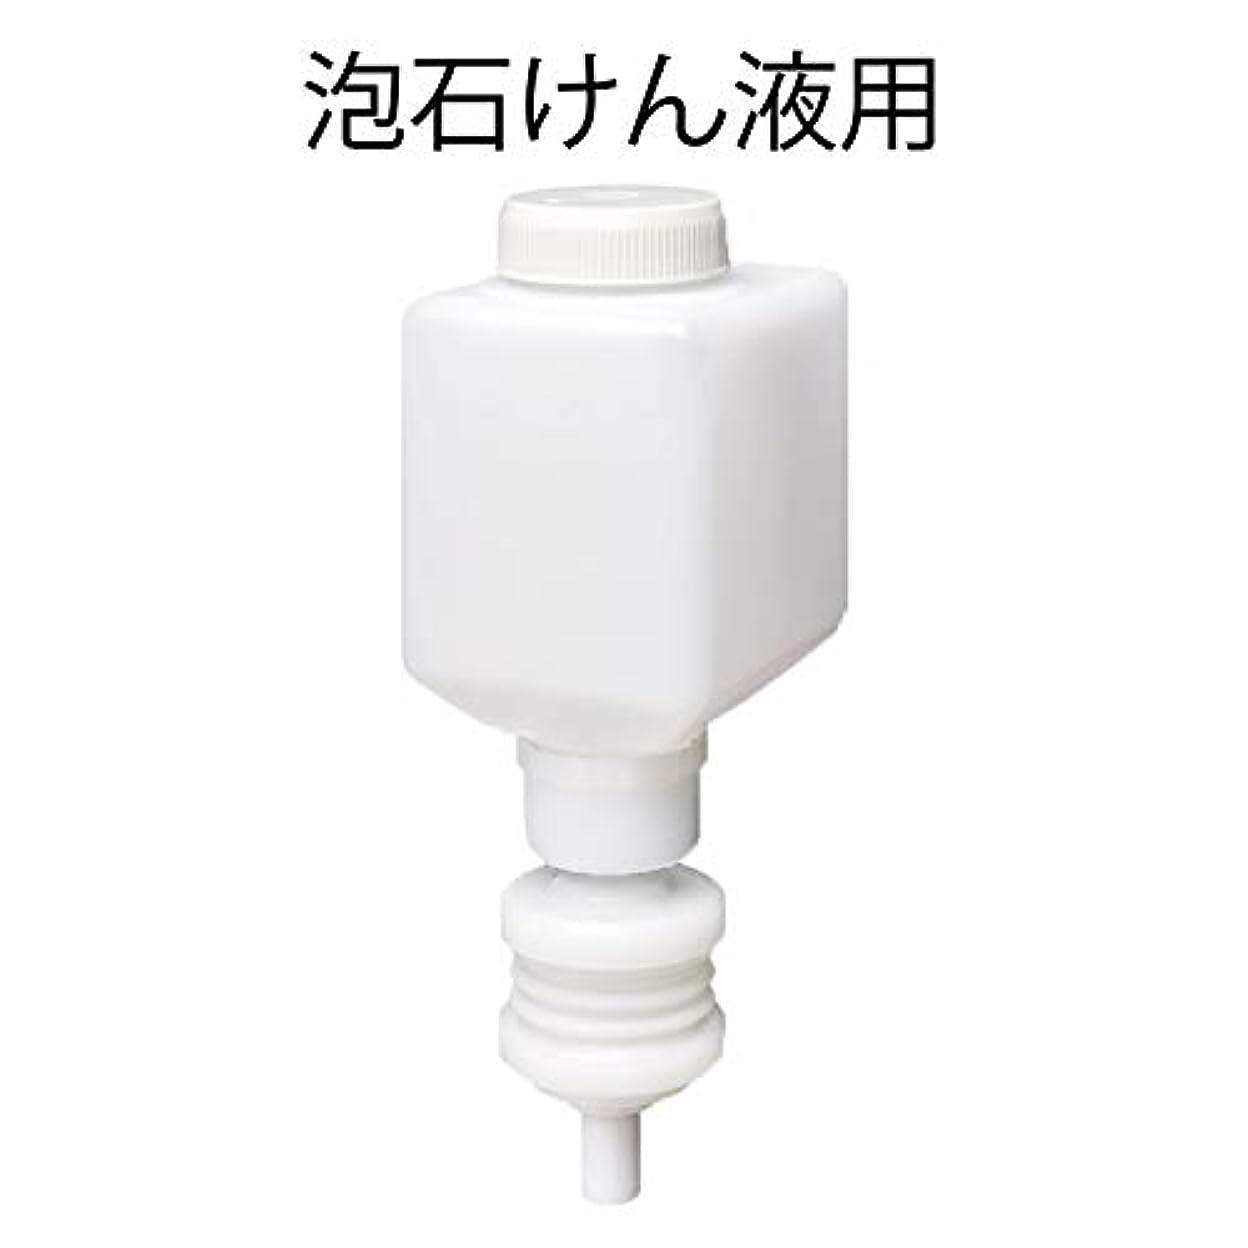 鍔マニアレスリングサラヤ カートリッジボトル 石けん液泡タイプ用 250ml MD-300